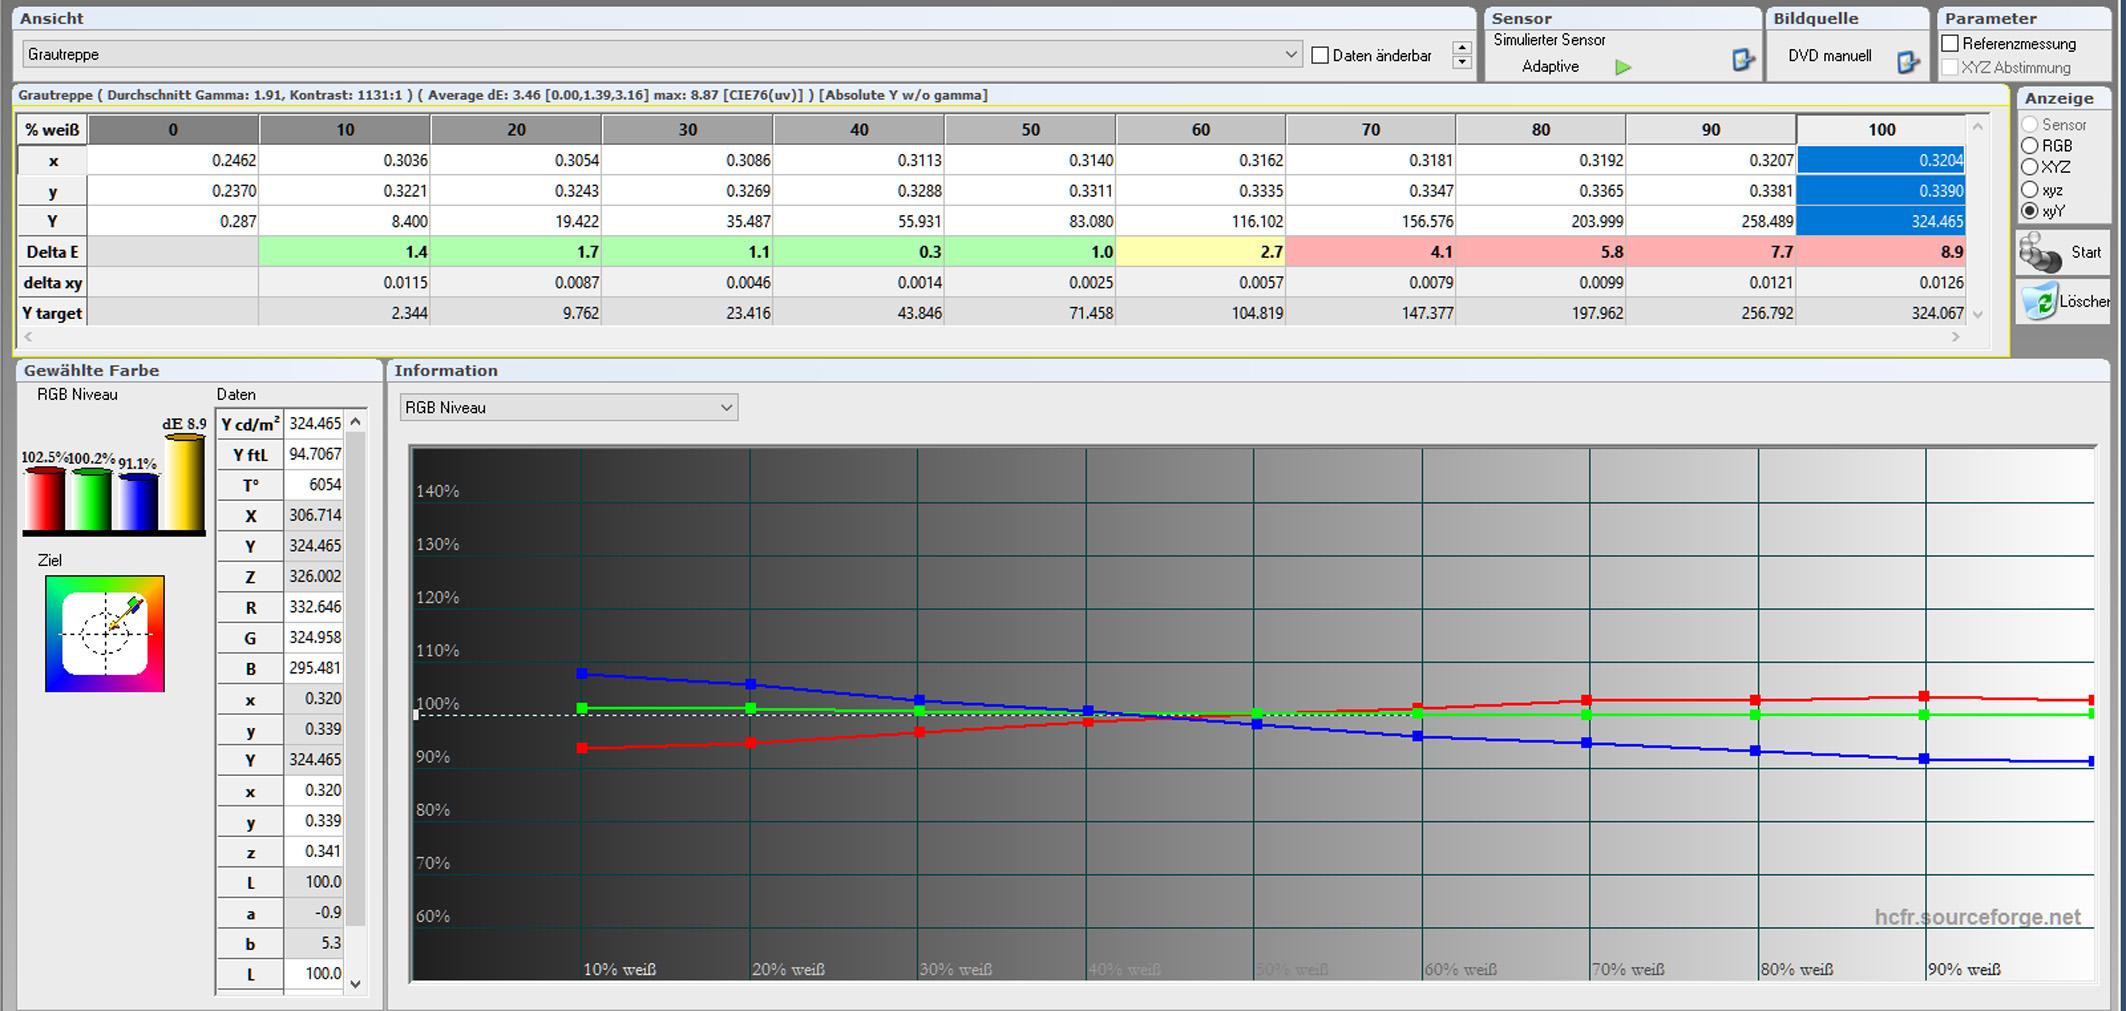 Tabelle Graustufenverlauf: Ab Werk weicht die Farbtemperatur ein wenig vom Optimum ab. Das dokumentieren auch die Delta-E-Werte, die immerhin bis 50 % im grünen Bereich sind. Die Farbtemperatur ist mit 6054 Kelvin etwas zu warm.